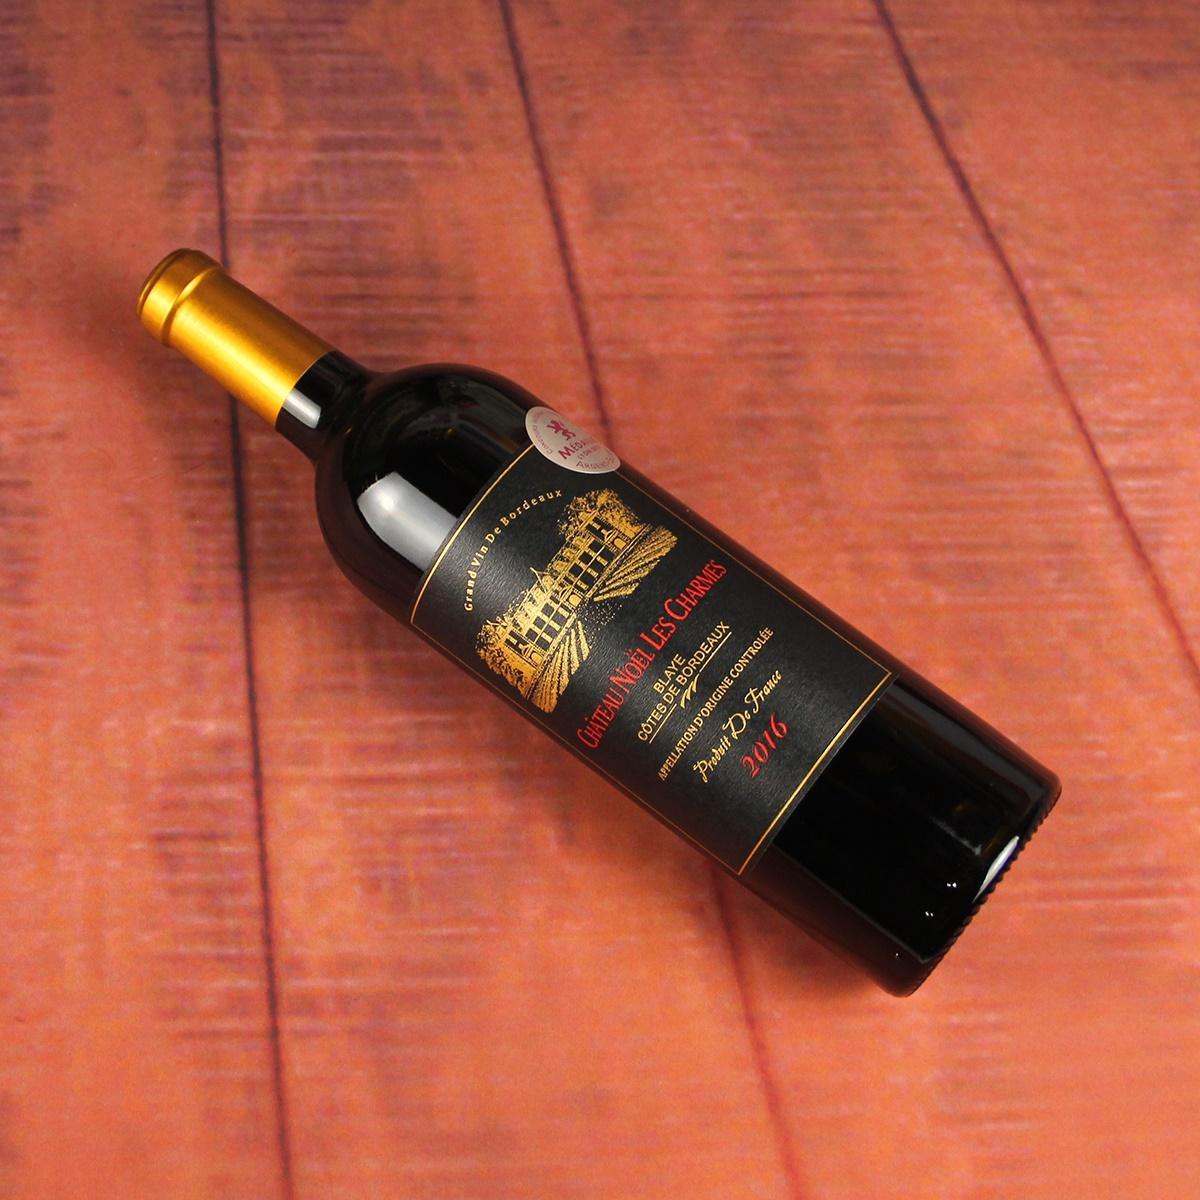 法國波爾多布萊依丘諾雷古堡混釀特釀AOC(村莊級)干紅葡萄酒